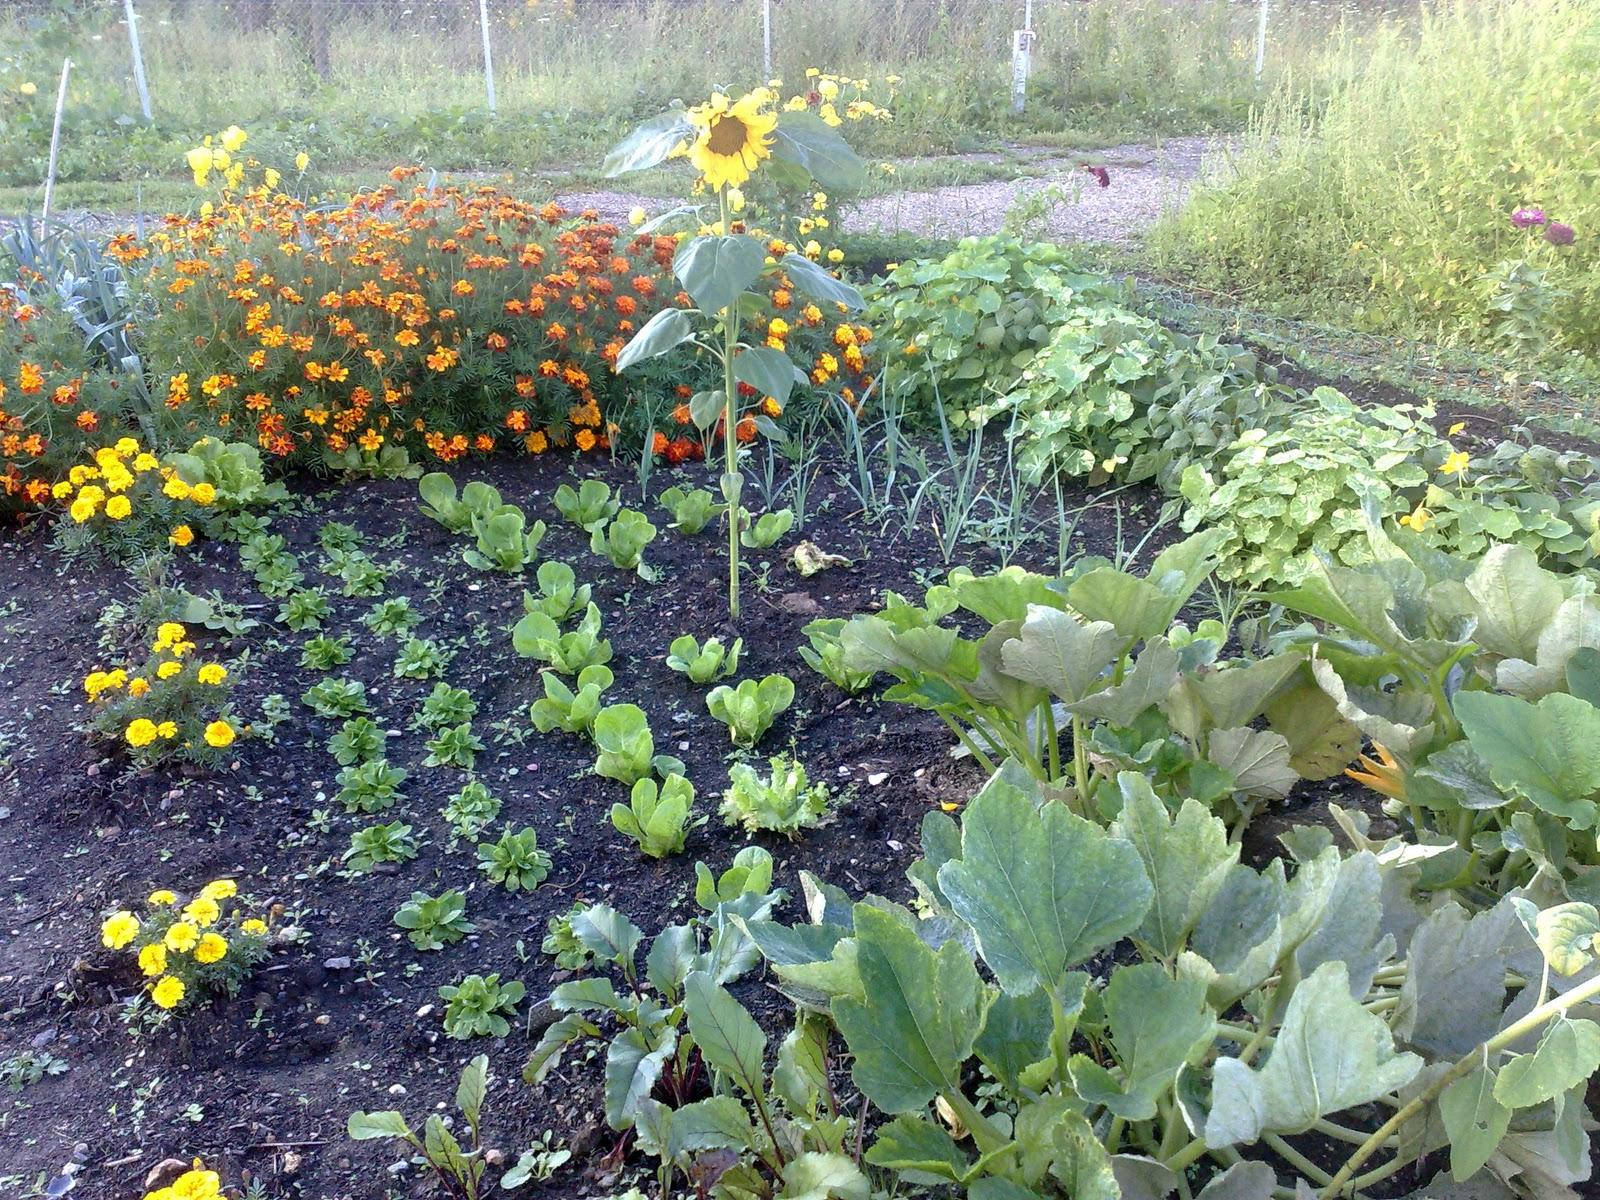 Les jardins familiaux de louveciennes octobre 2011 for Jardin familiaux